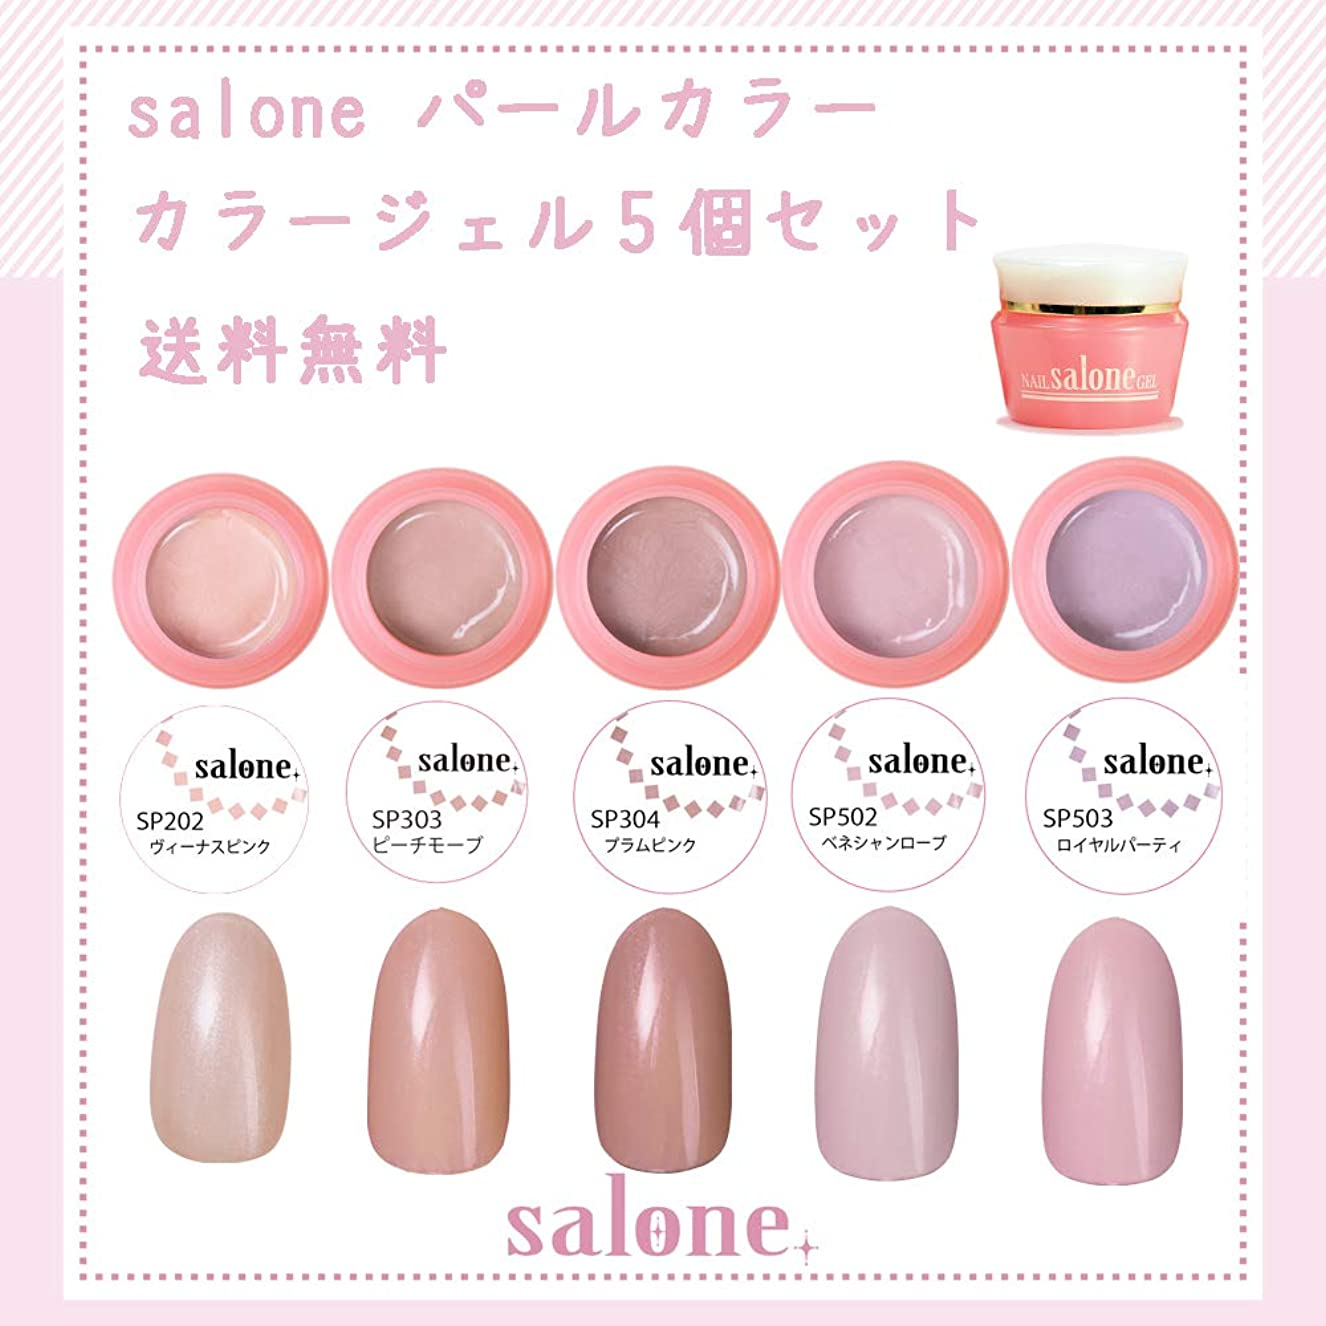 増加する風邪をひく告白する【送料無料 日本製】Salone パールカラー カラージェル5個セット アンニュイなパールカラー